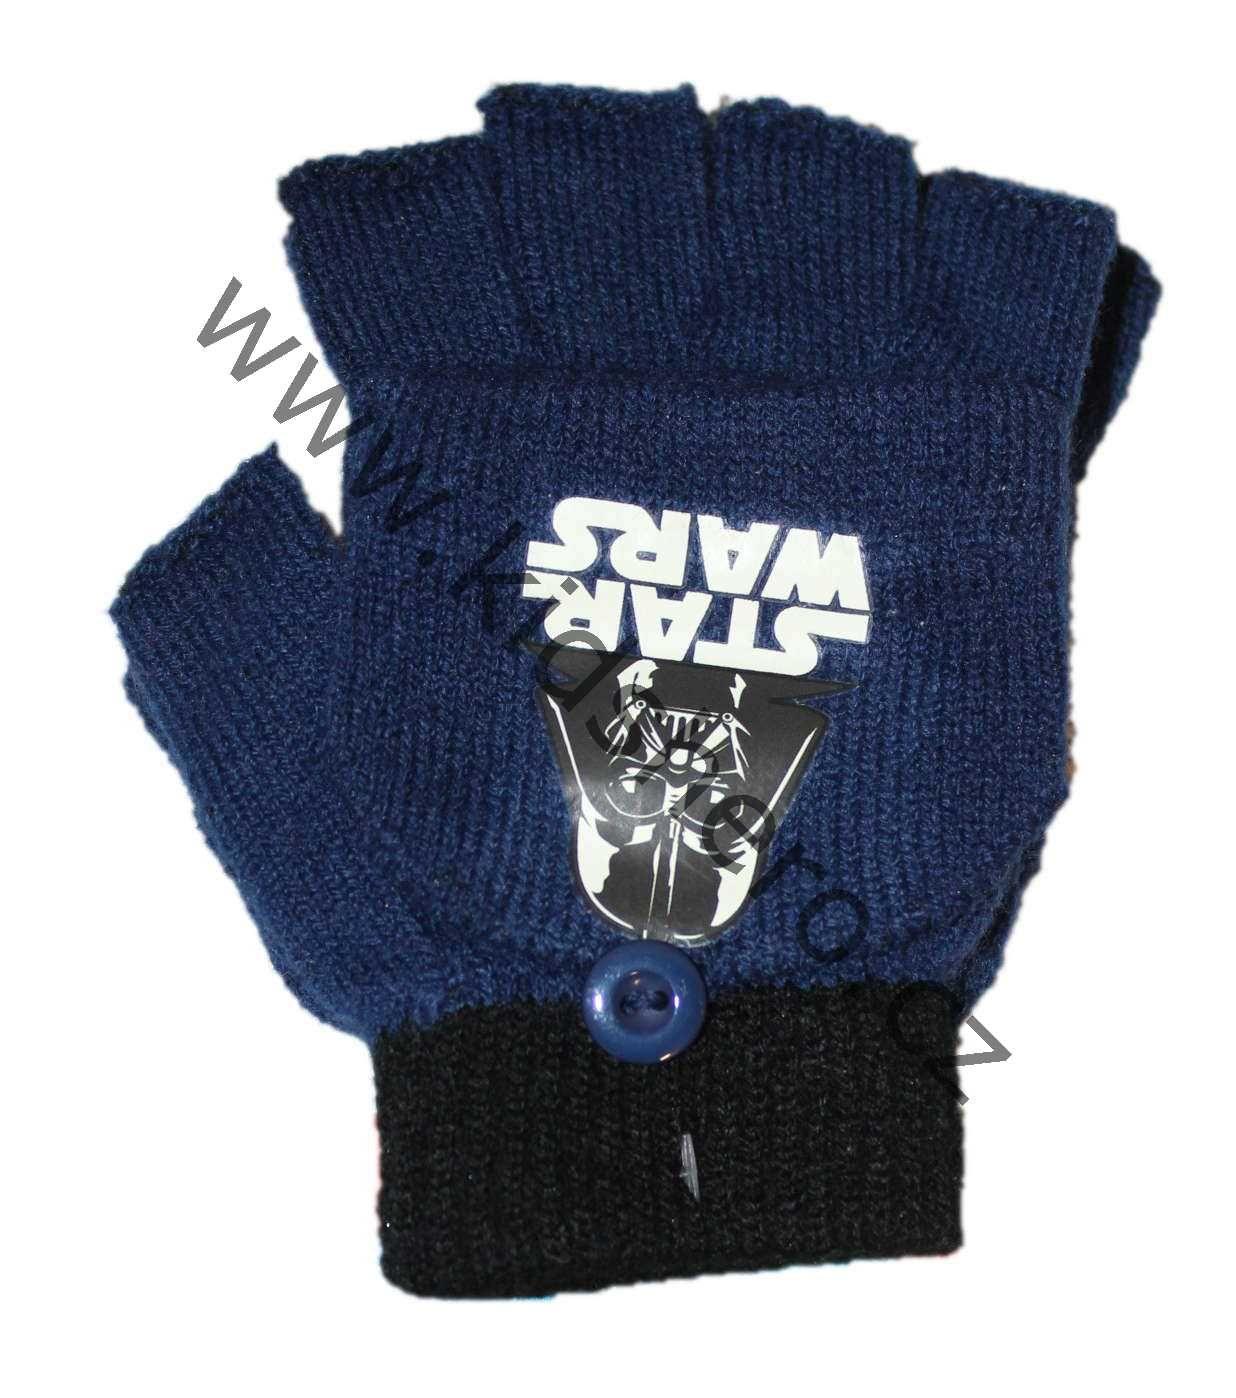 PRSTOVÉ RUKAVICE se zakrytím, dětské prstové rukavice Disney